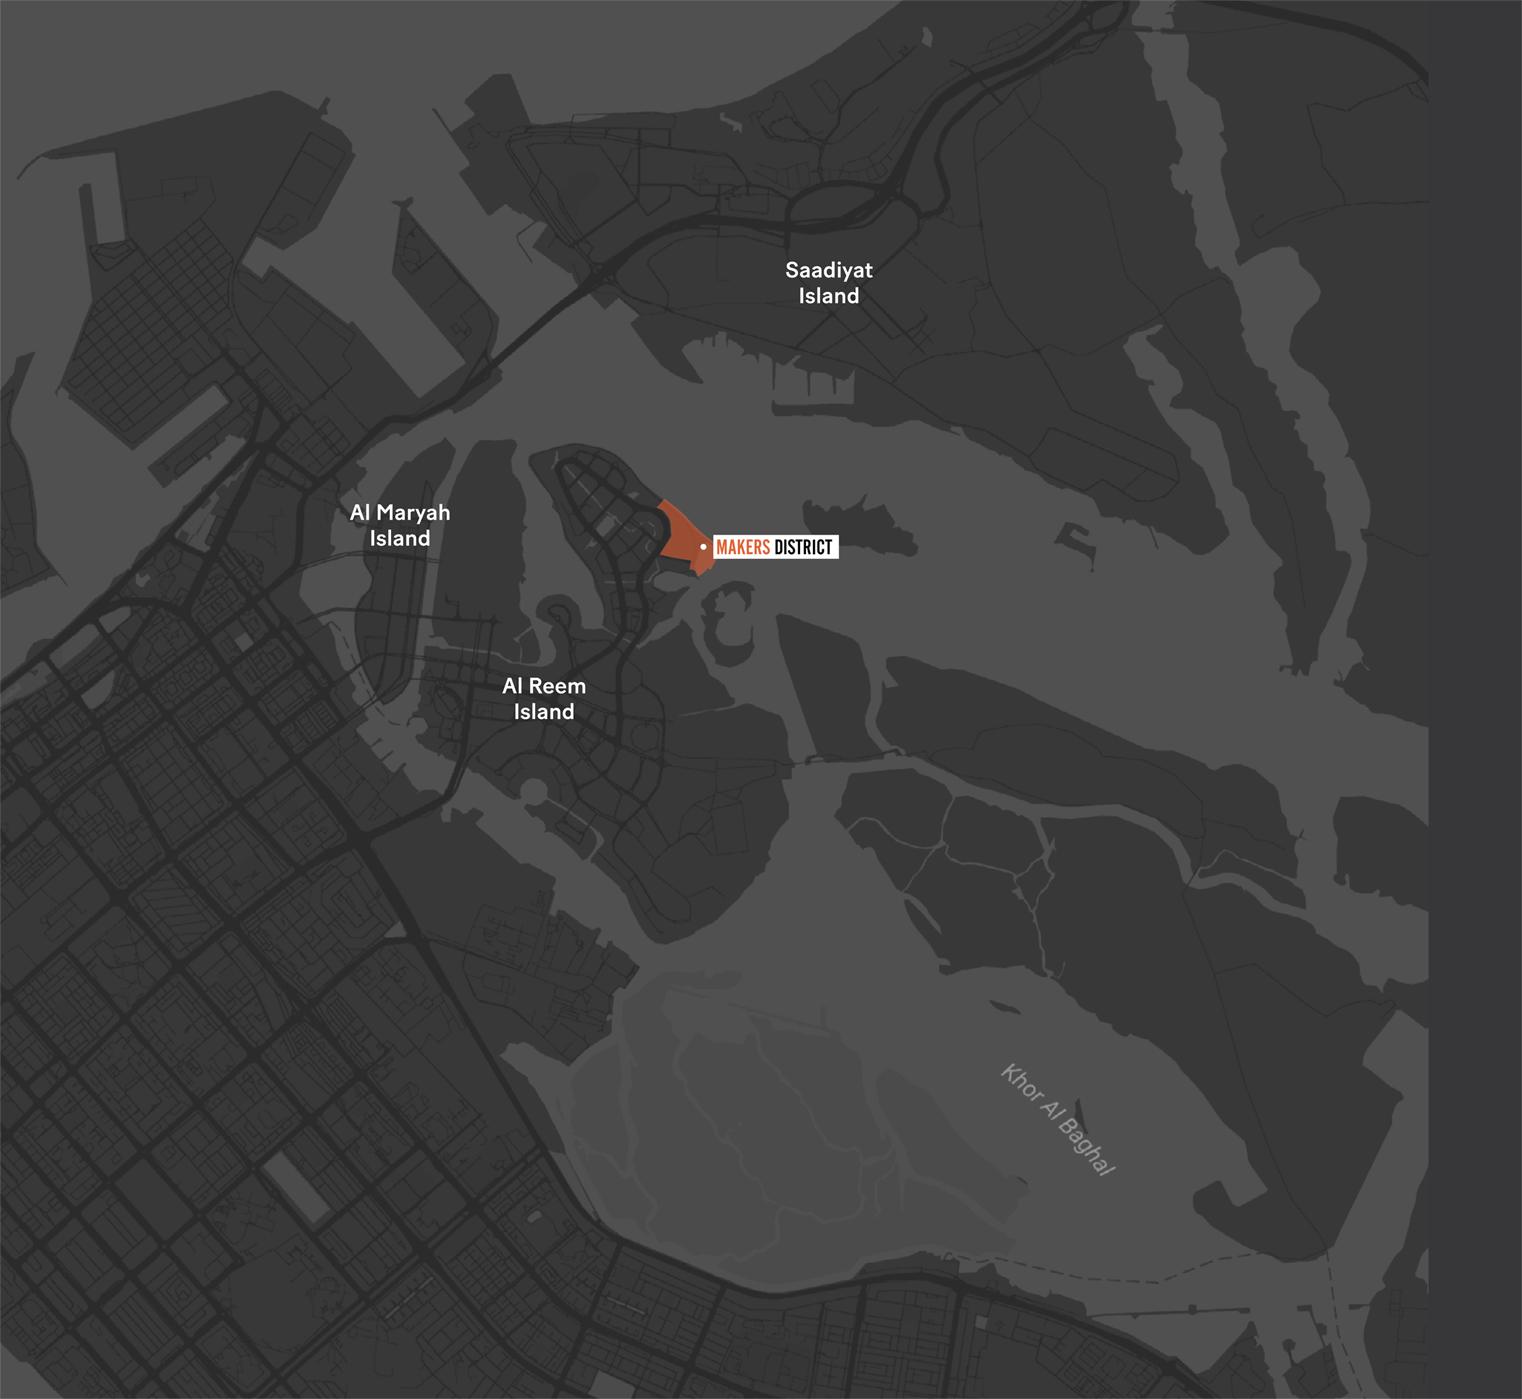 بيكسل-إمكان-للتطوير-العقاري خريطة الموقع